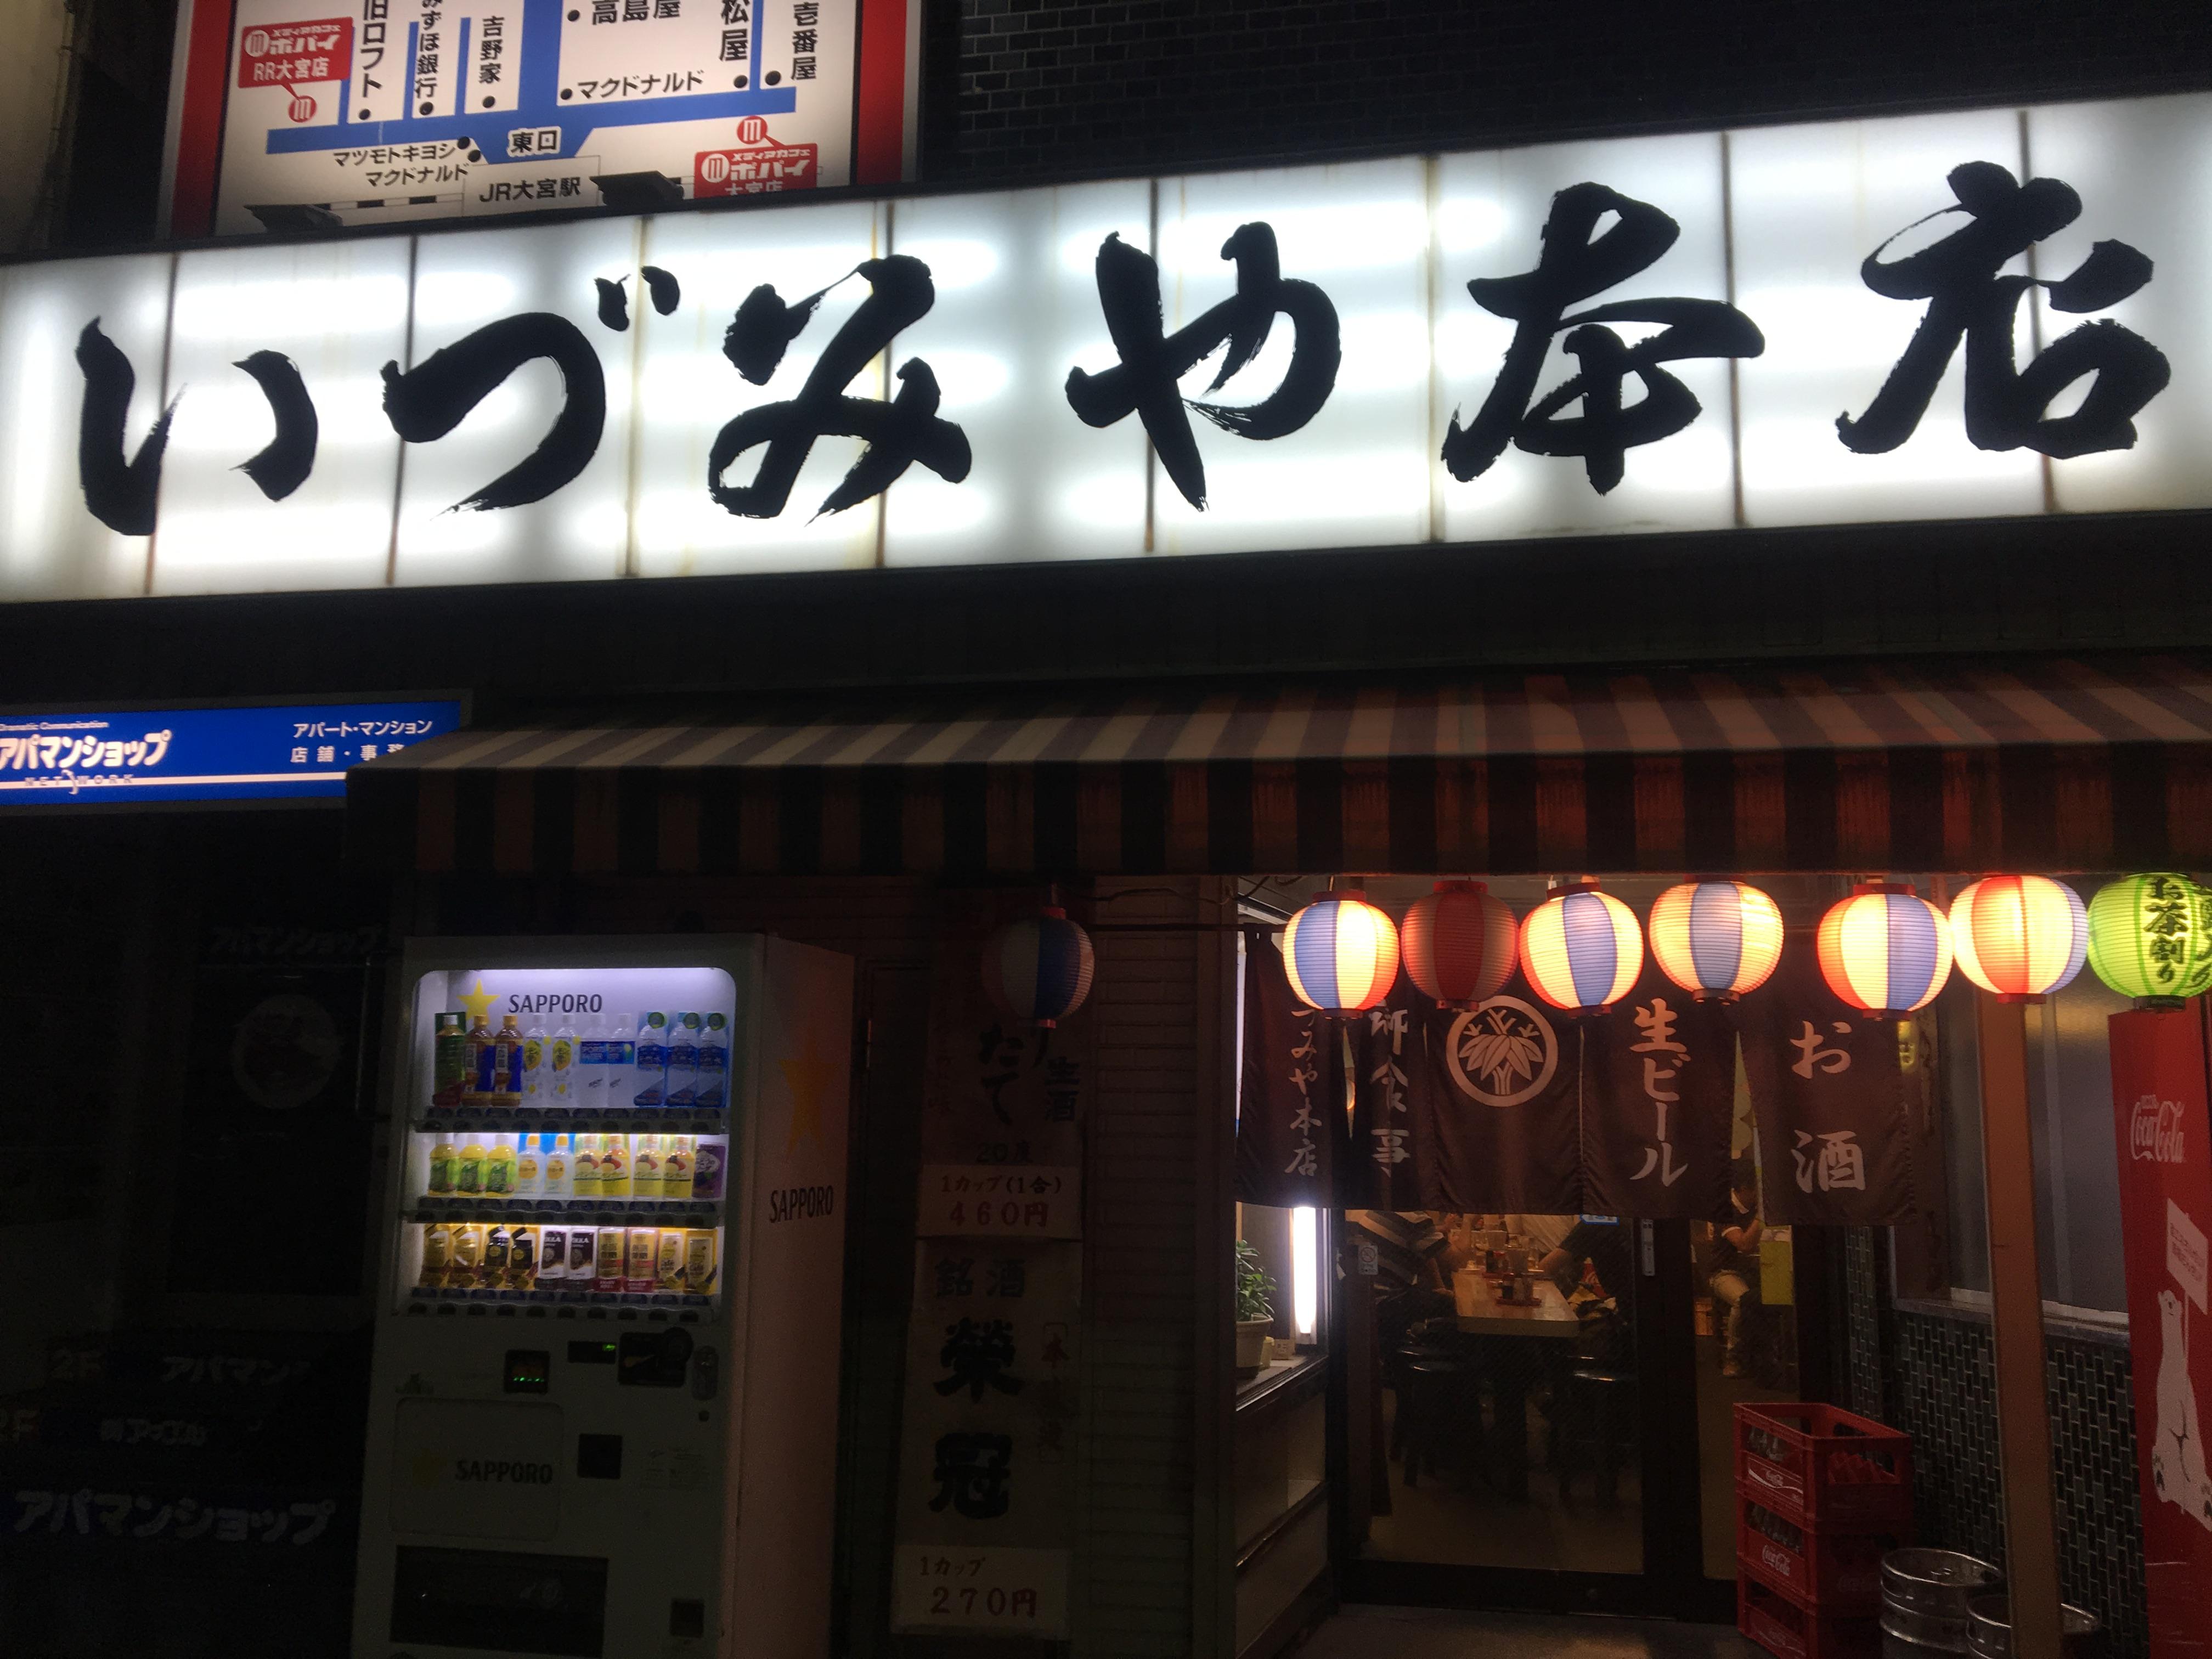 平成も終わりそうだけど、大宮東口の昭和な「いづみや」で一杯